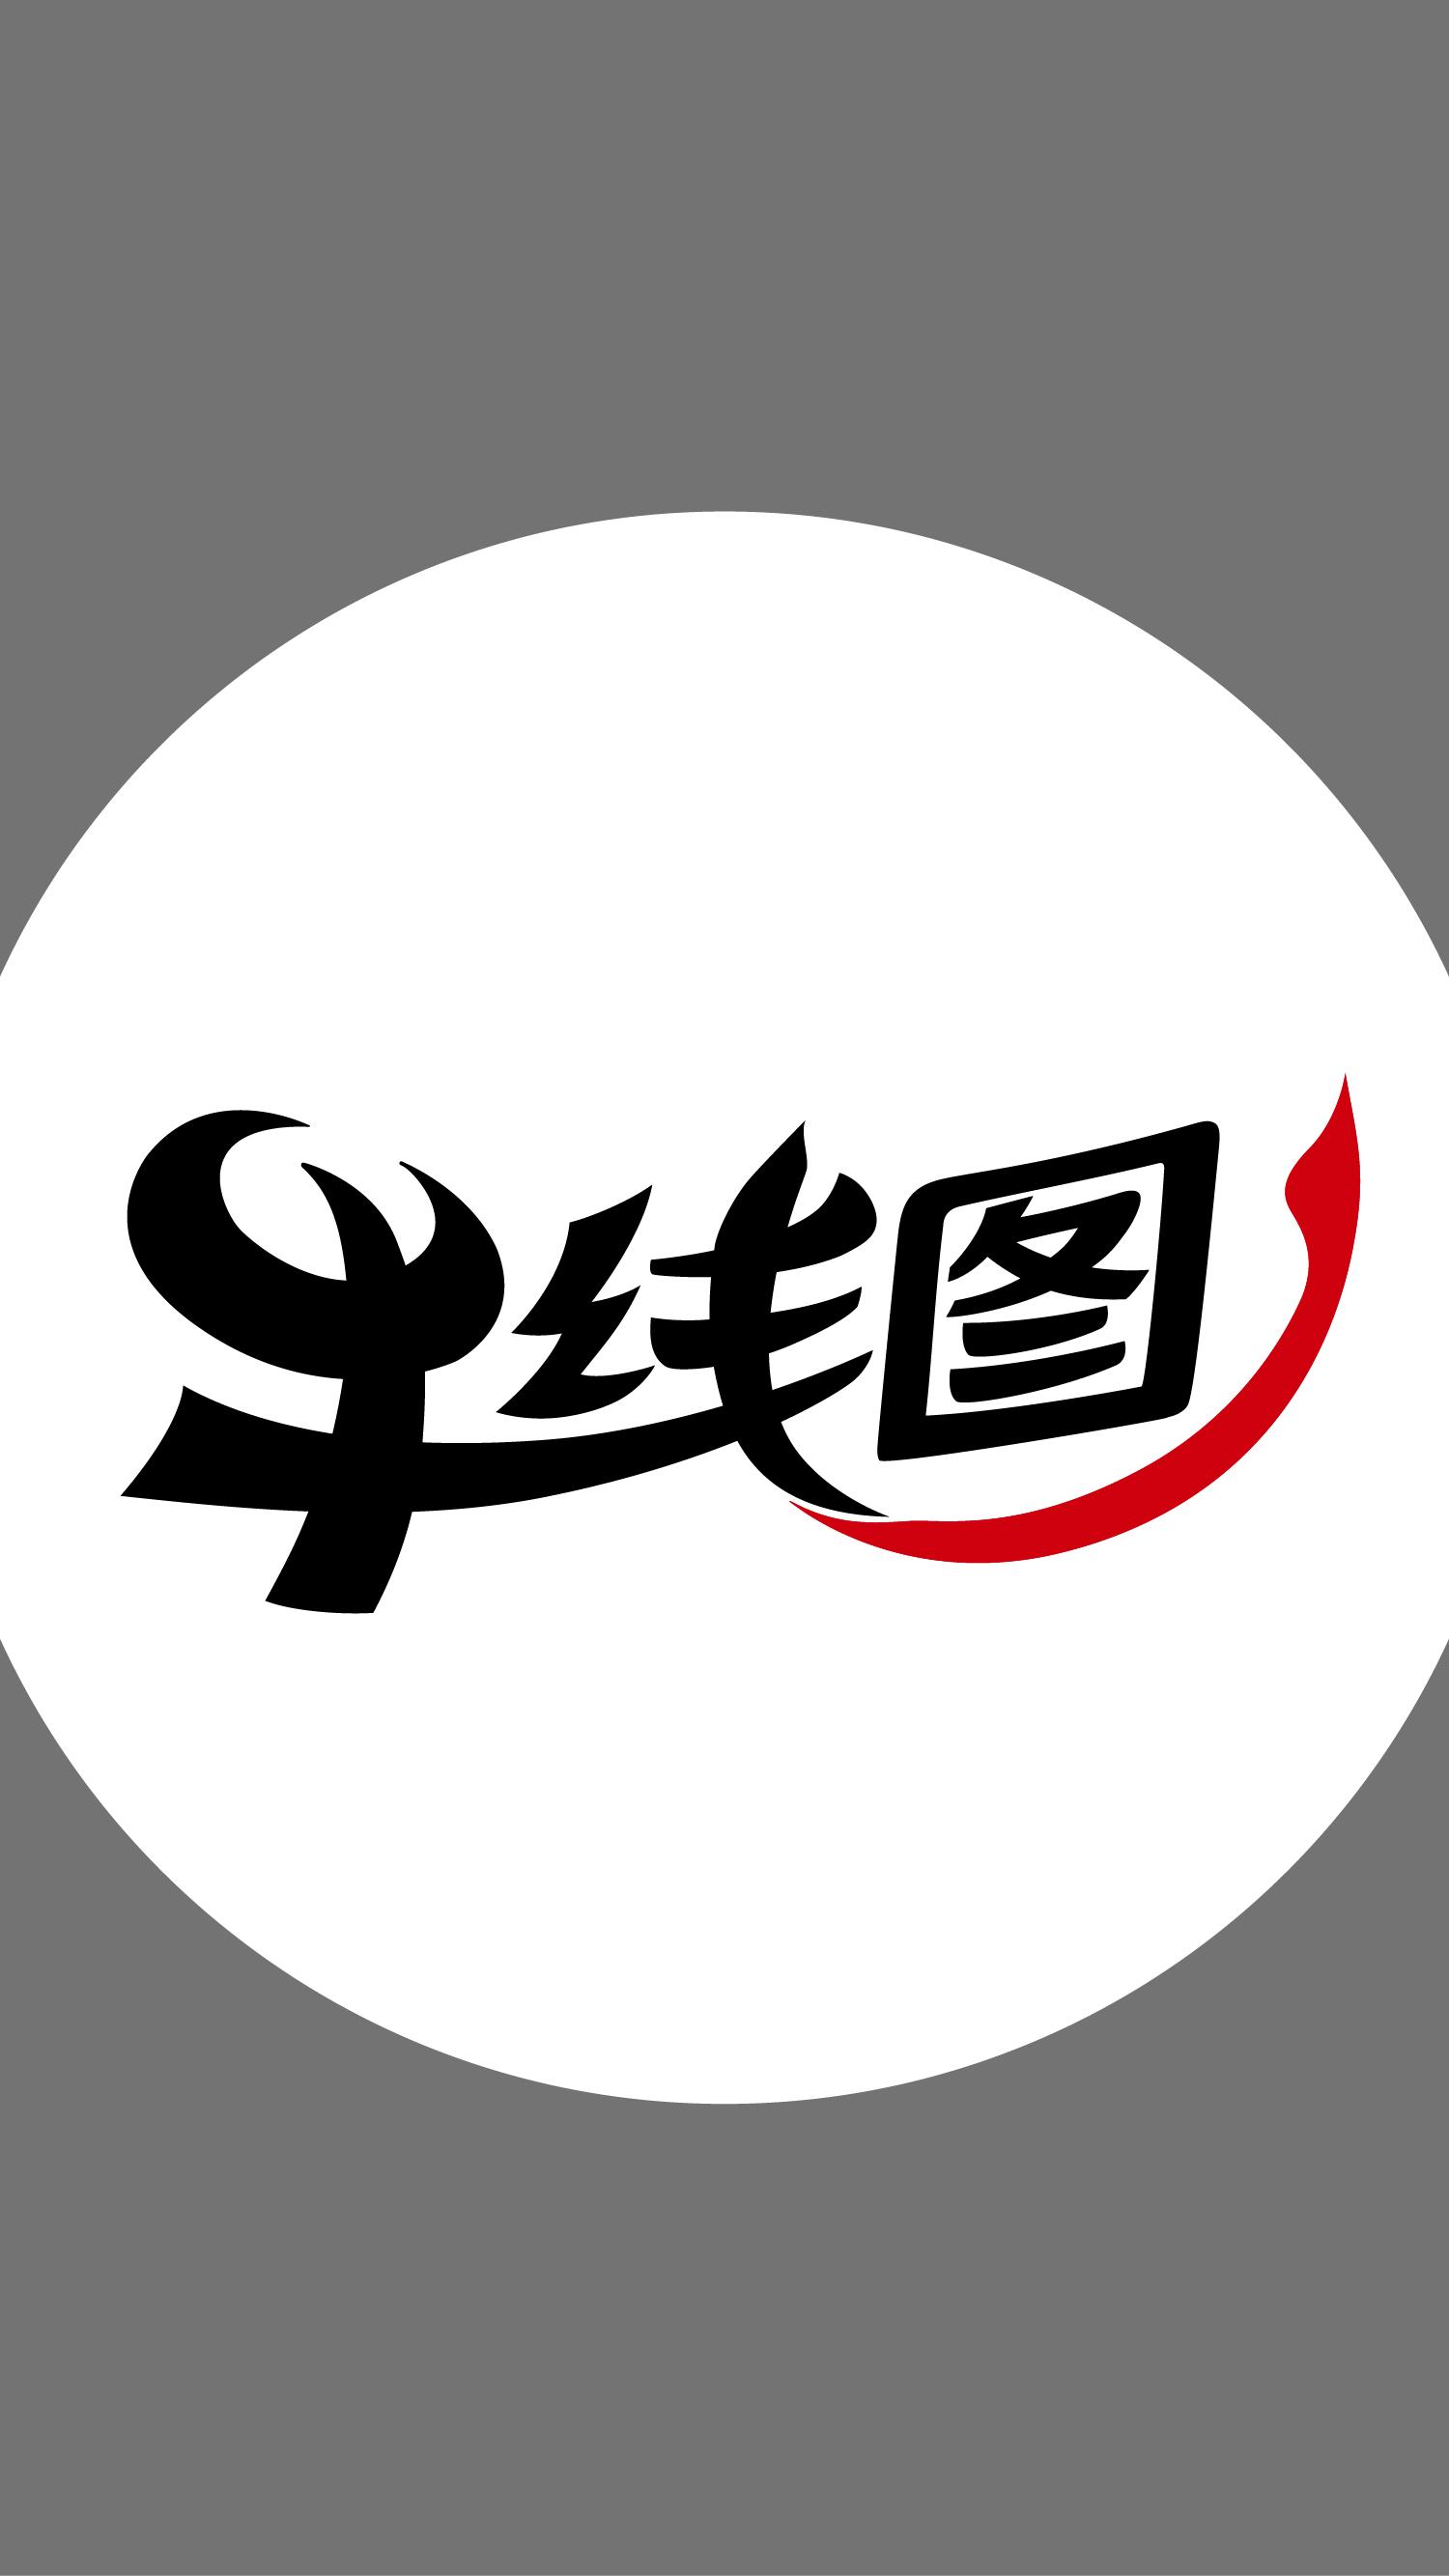 牛线图logo设计图片